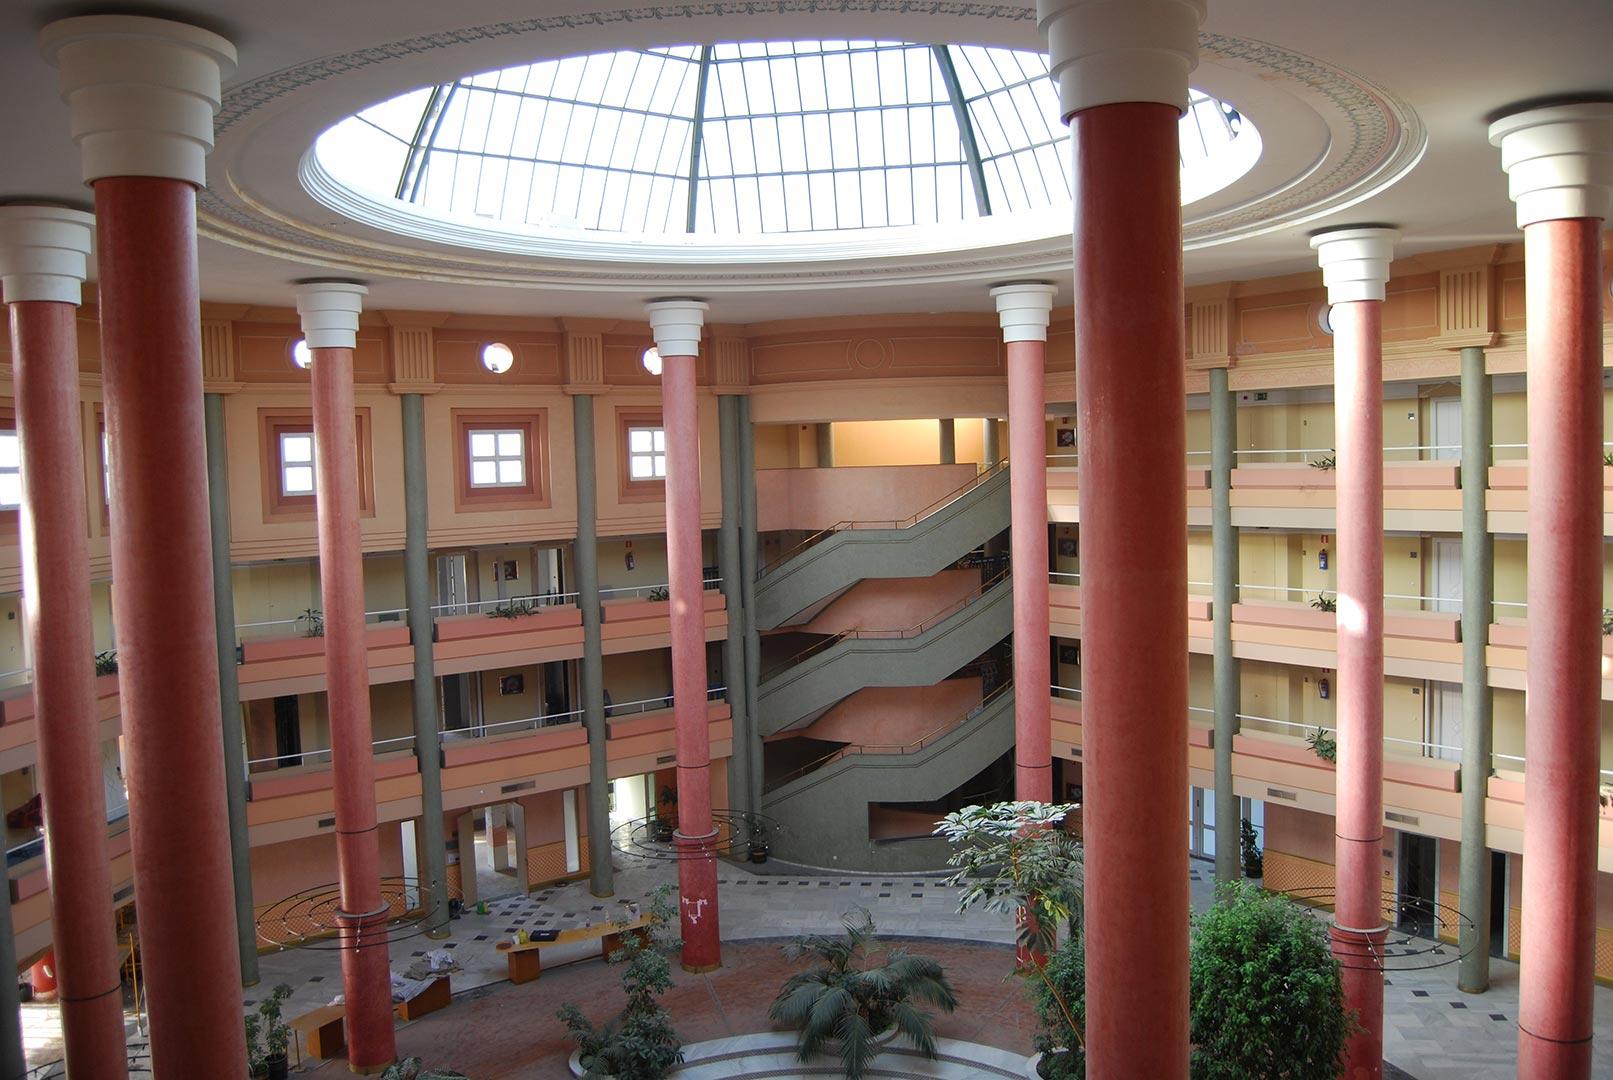 constructora reforma hoteles